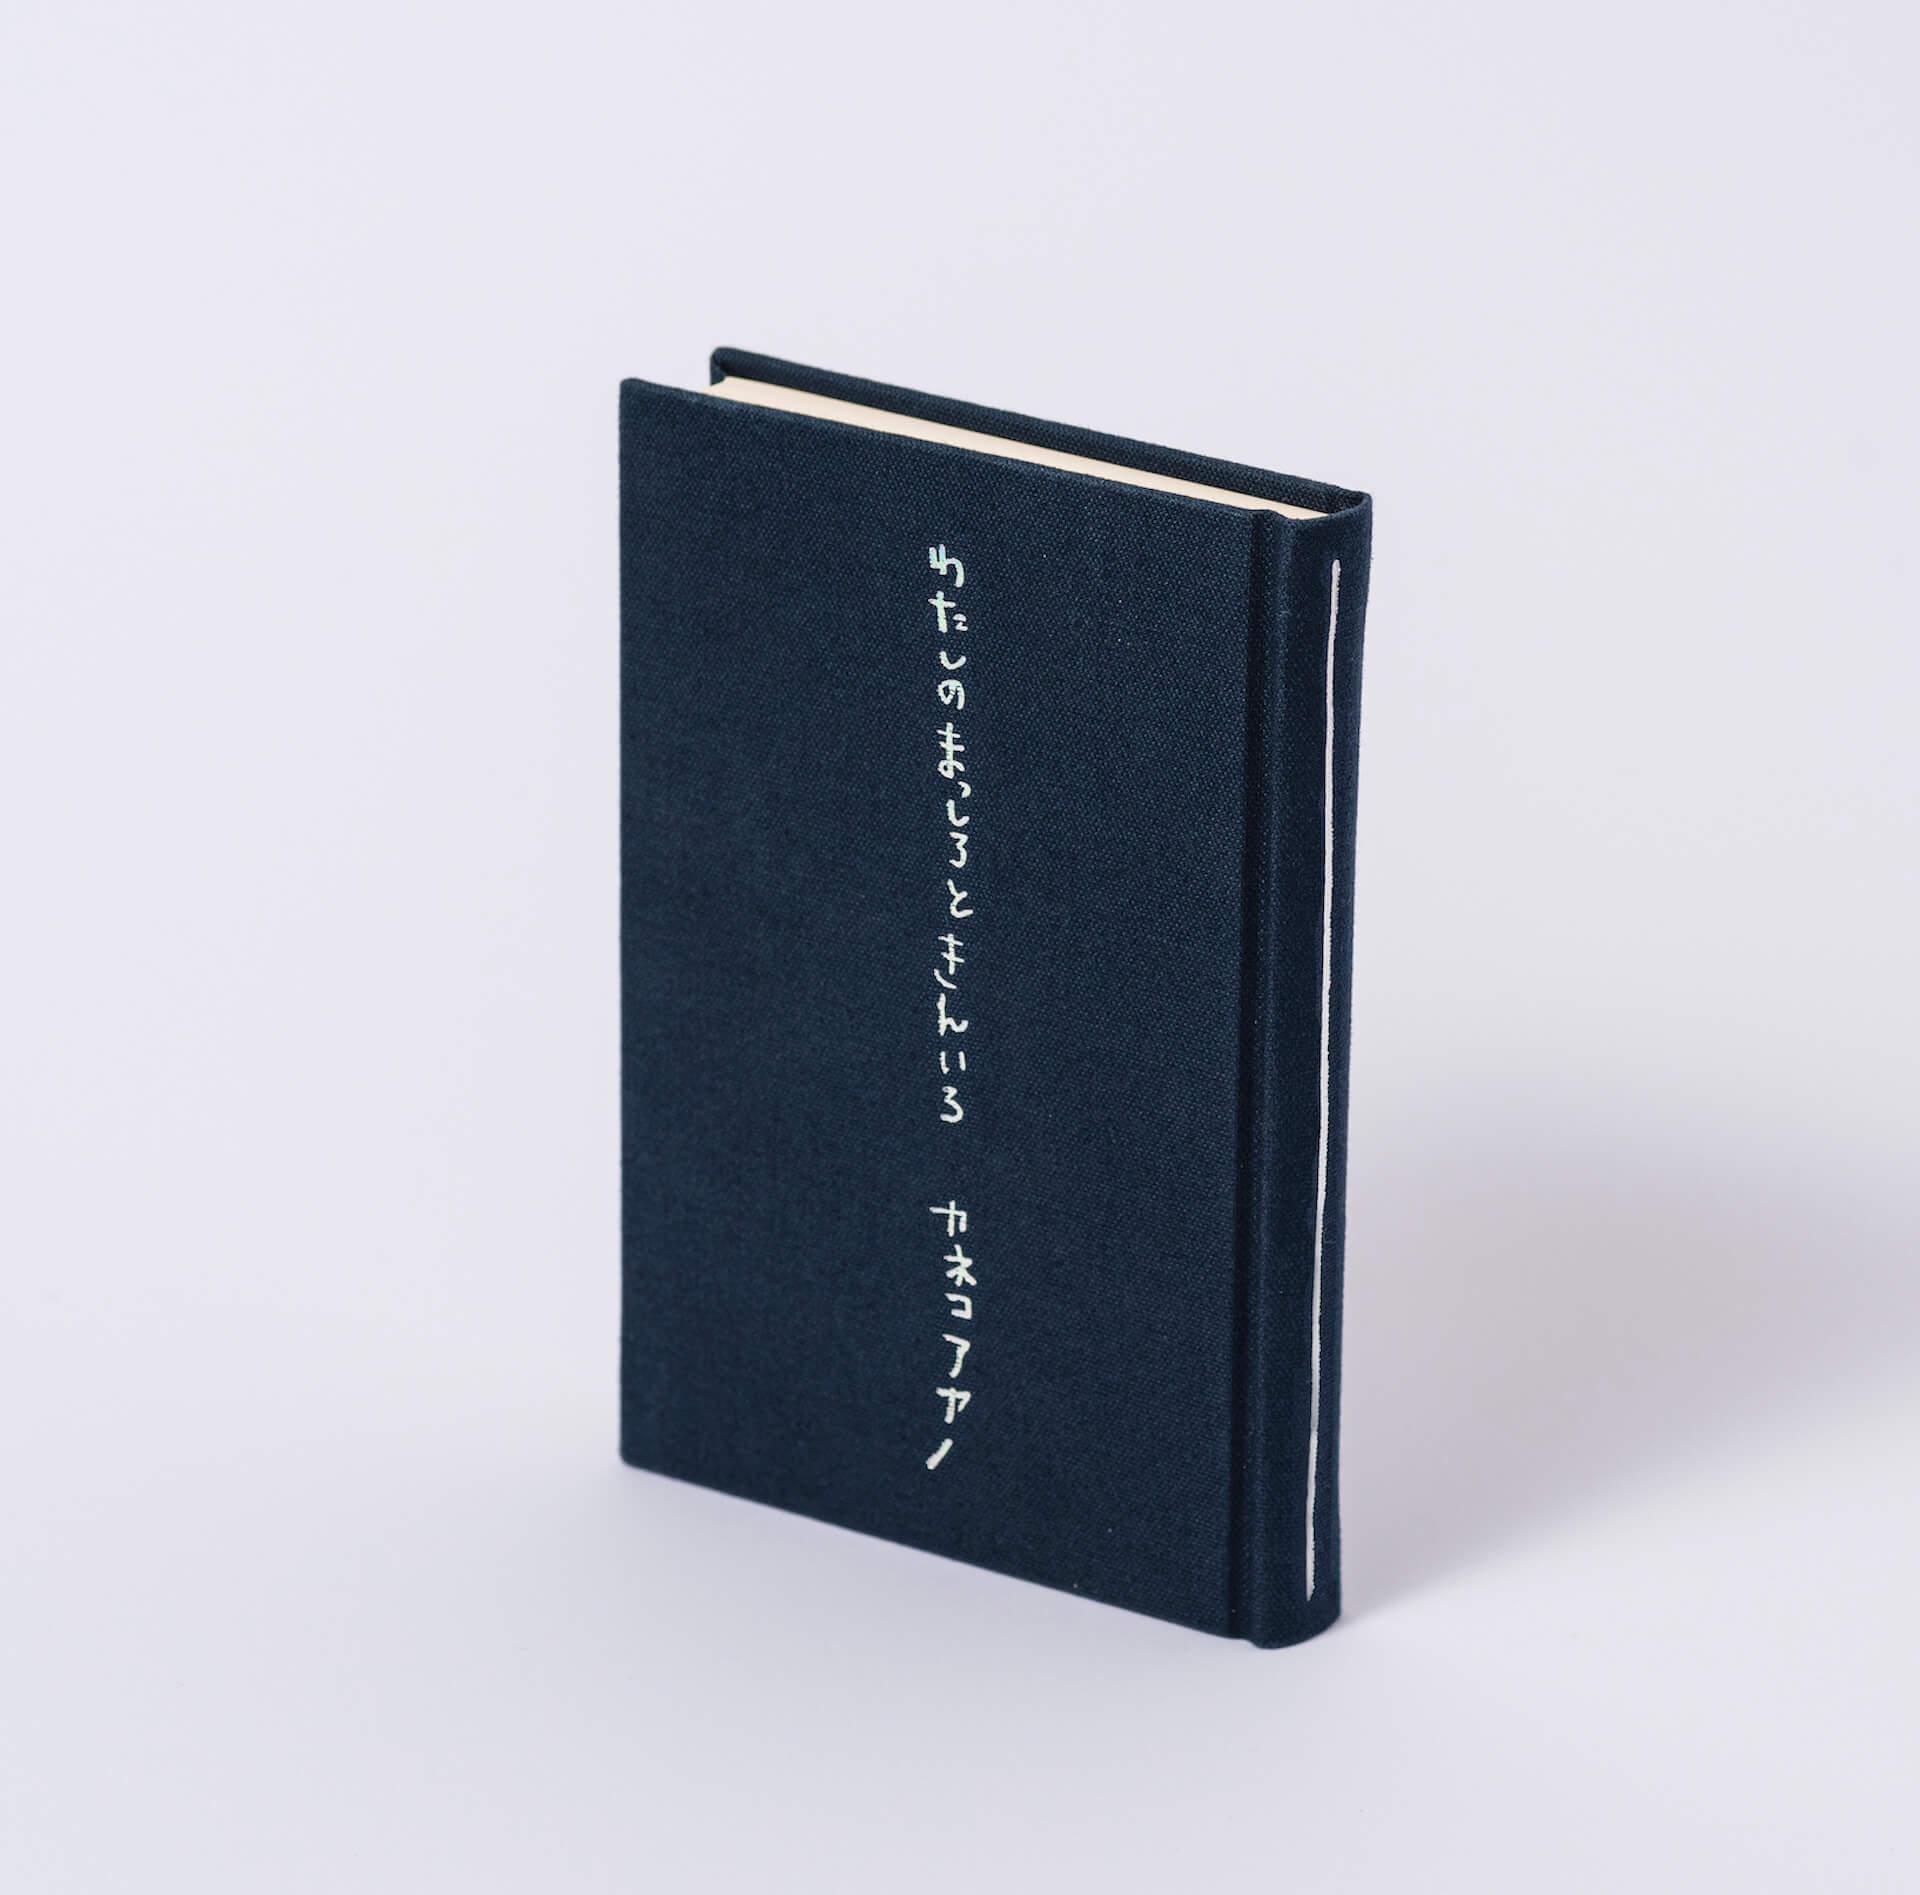 カネコアヤノが初の詩集『わたしのまっしろときんいろ』を発売 art-culture190902-kanekoayano-1